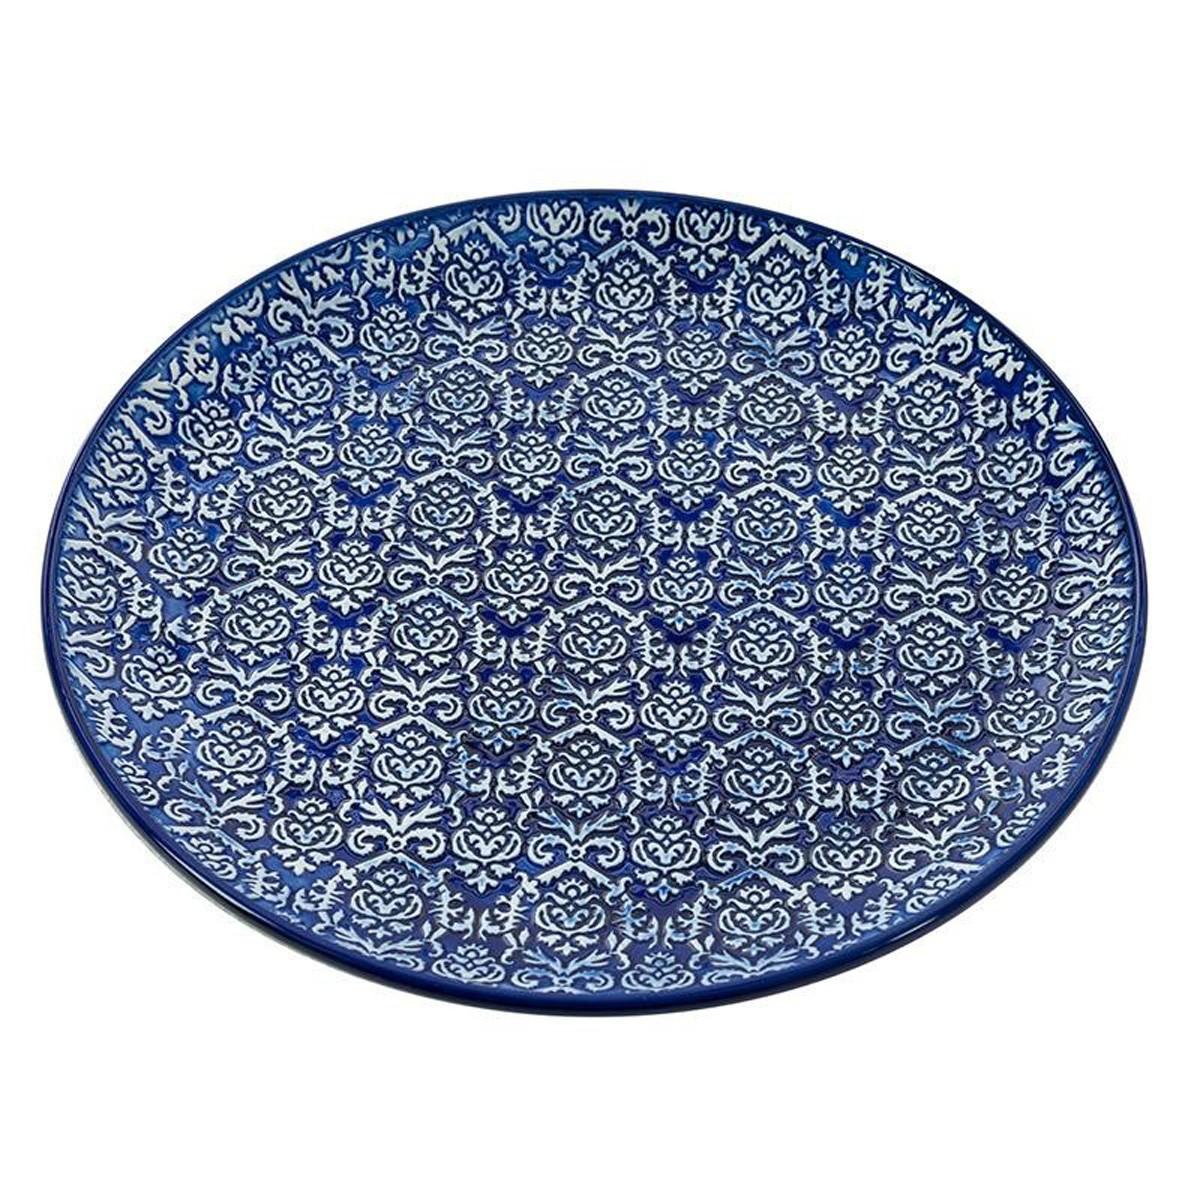 Πιατέλα Διακόσμησης InArt Yuan Small 3-60-729-0040